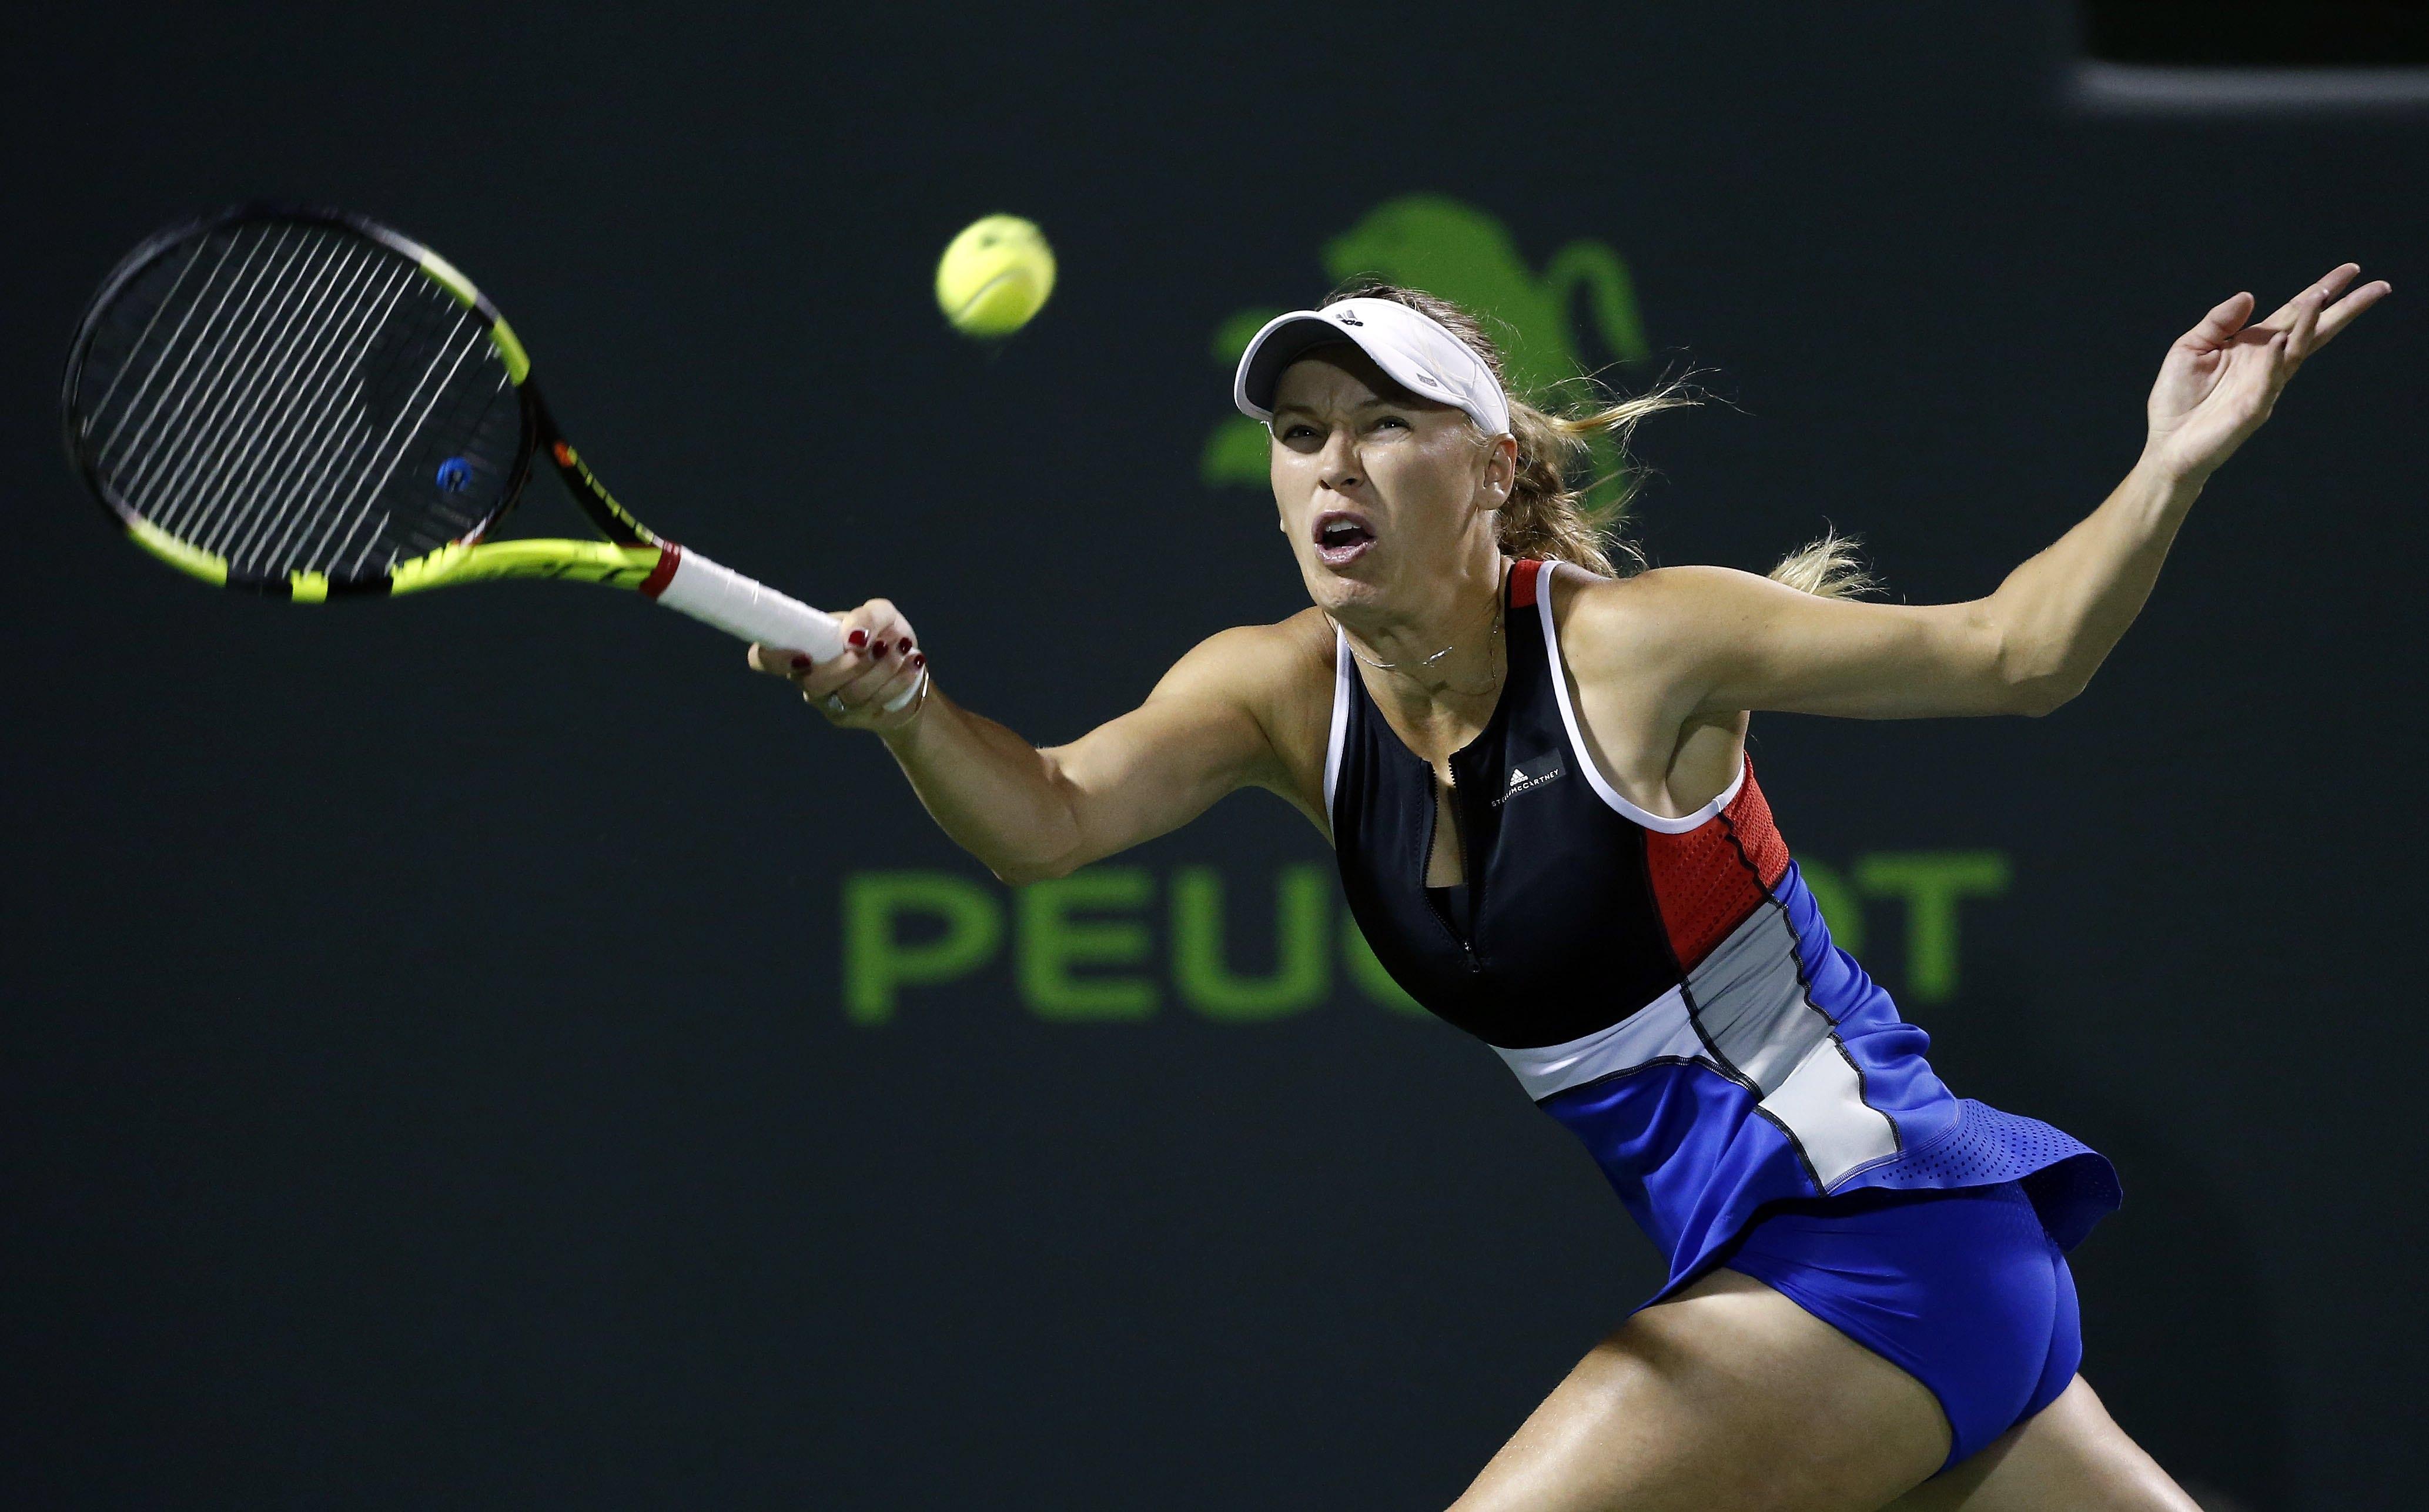 Caroline Wozniacki called on tournament organisers to take action